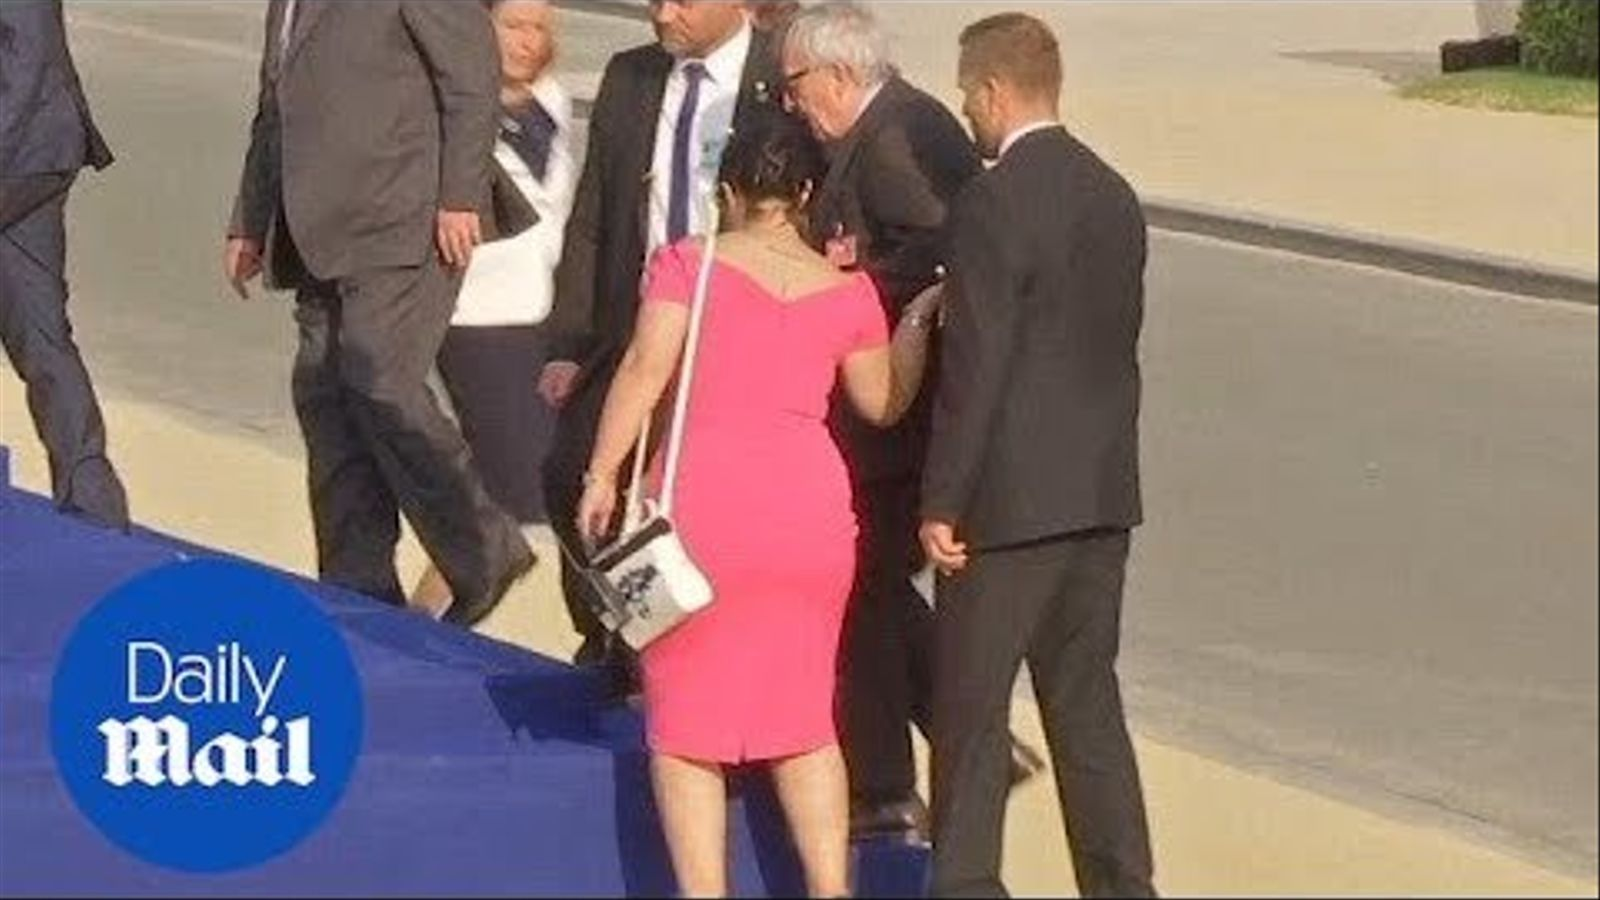 Jean Claude Juncker trontolla i l'ajuden altres líders de l'OTAN